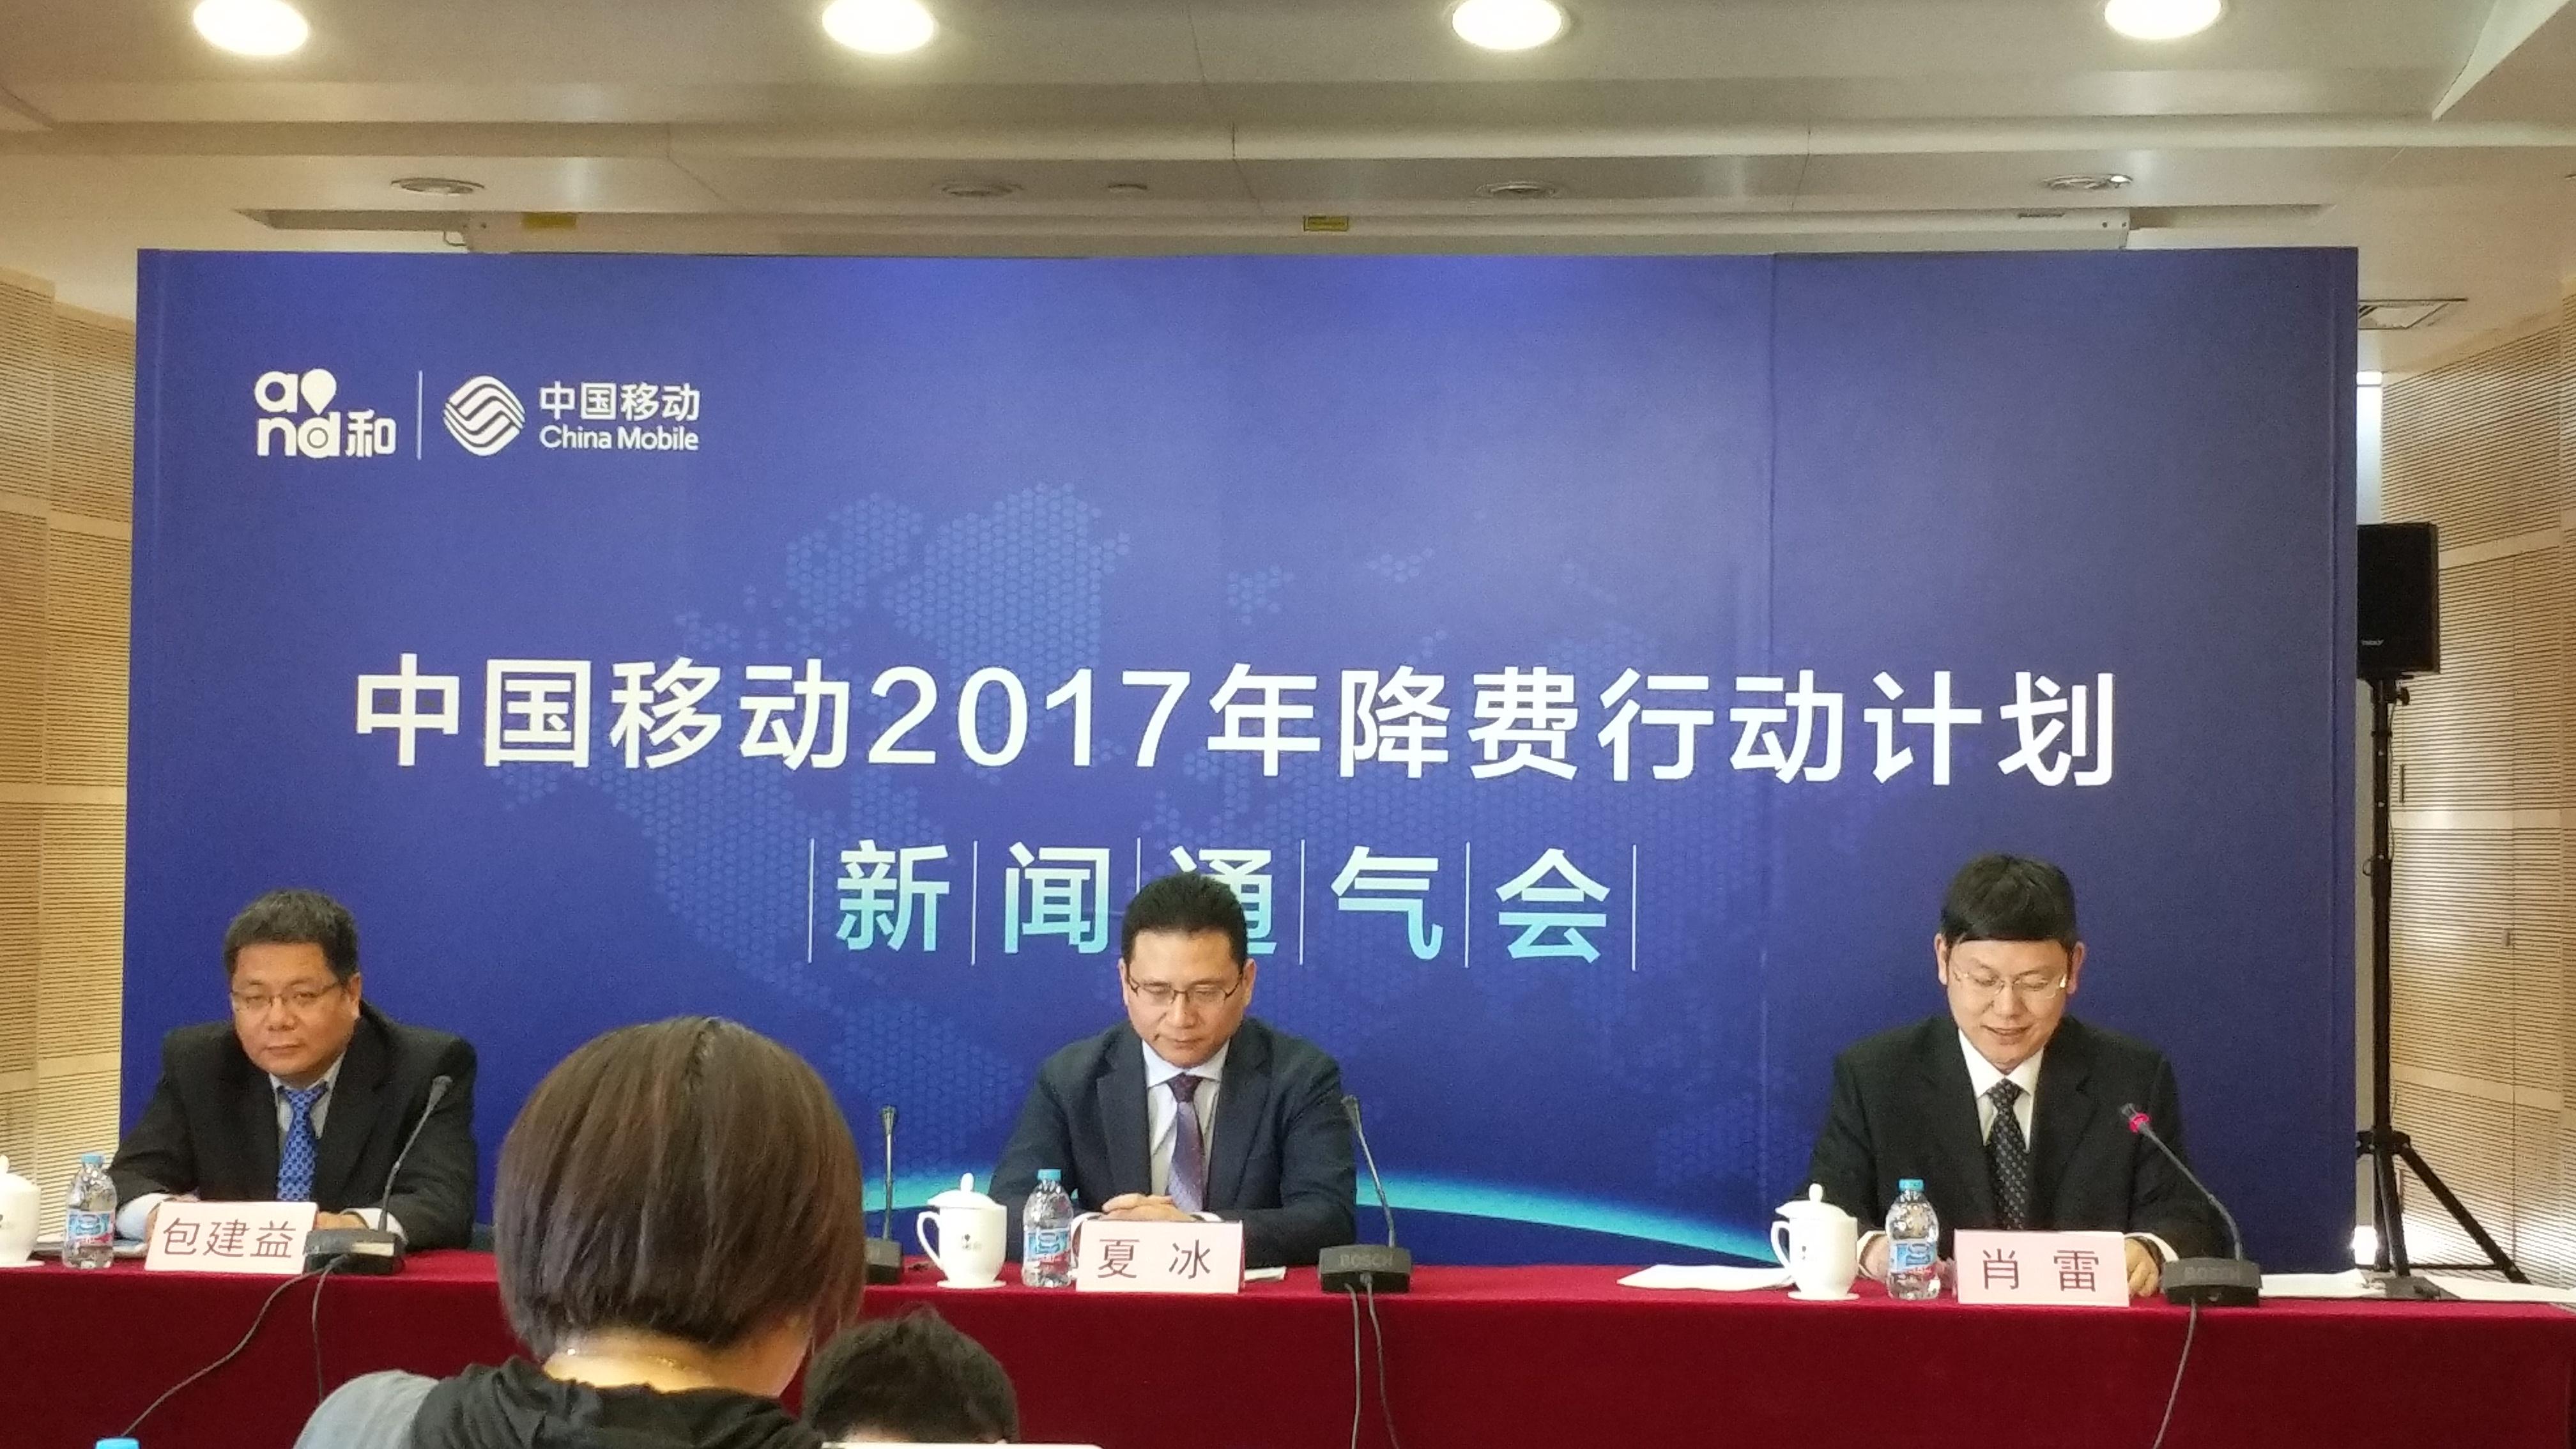 中国移动推七项降费举措:流量资费低至5元/GB的照片